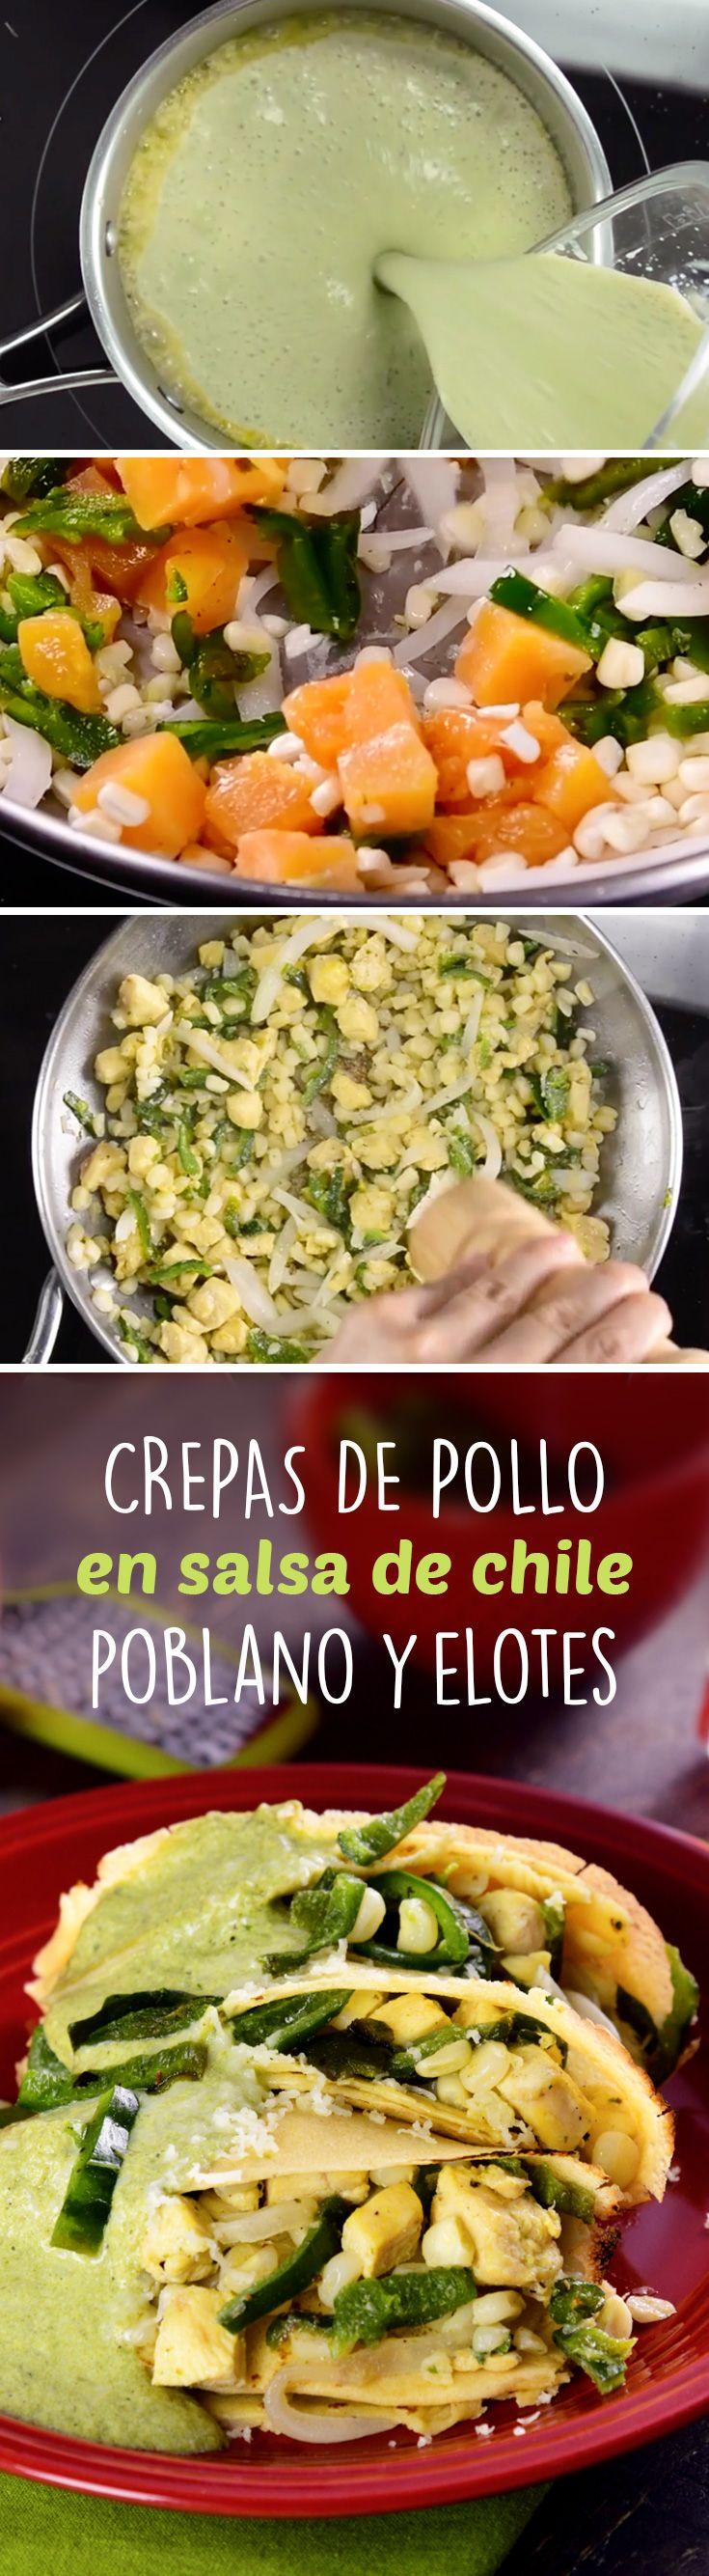 Crepas de pollo en salsa de chile poblano y elotes, servida con una salsa cremosa de chile poblano con queso crema. Son una receta fácil para que las cocines a toda tu familia.